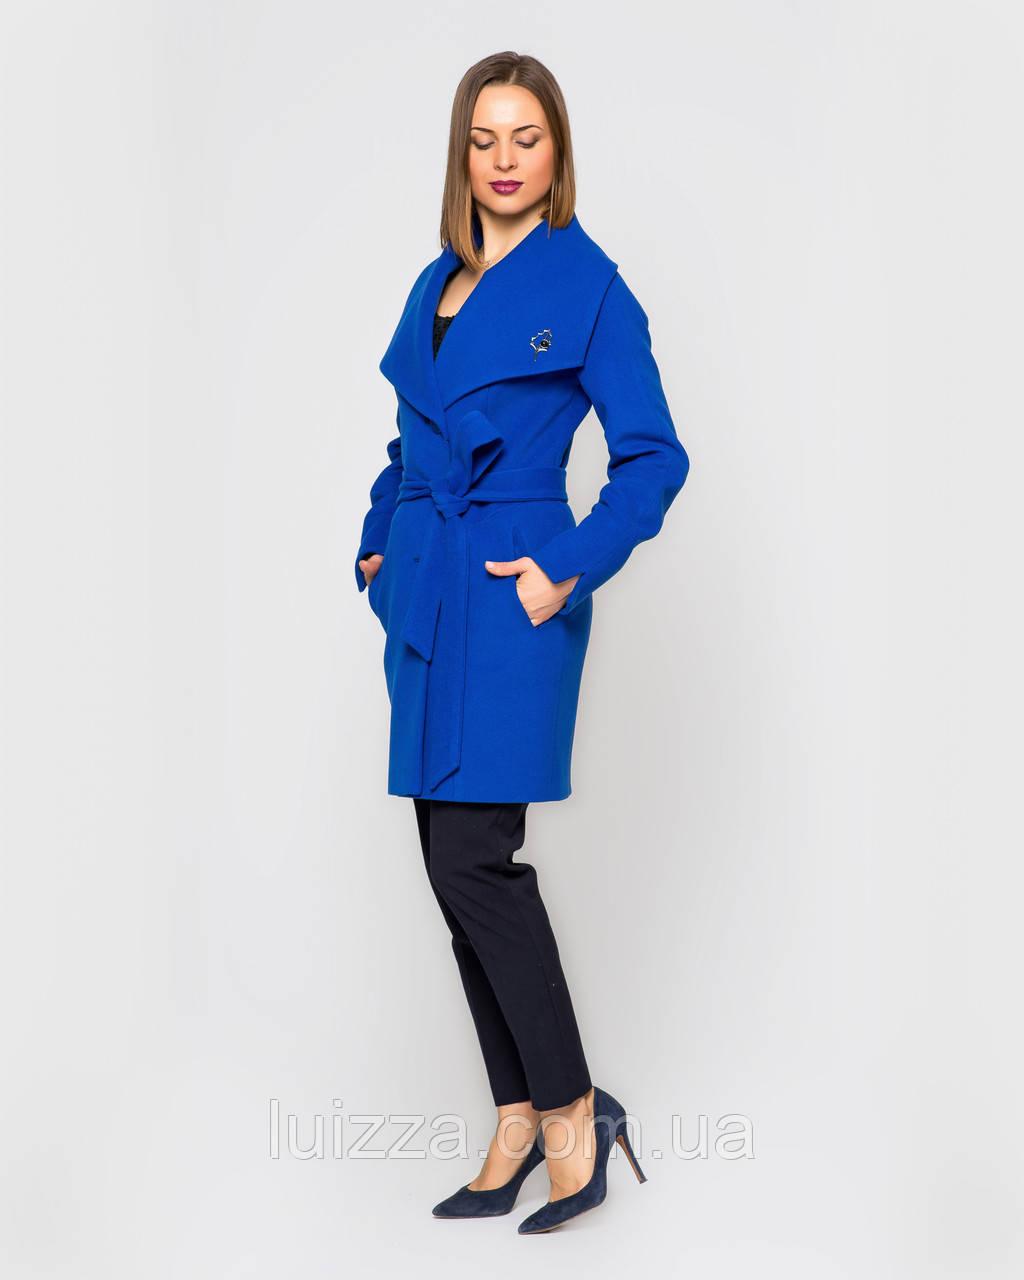 Женское пальто Леди, на пояске 42 -52 рр электрик 46